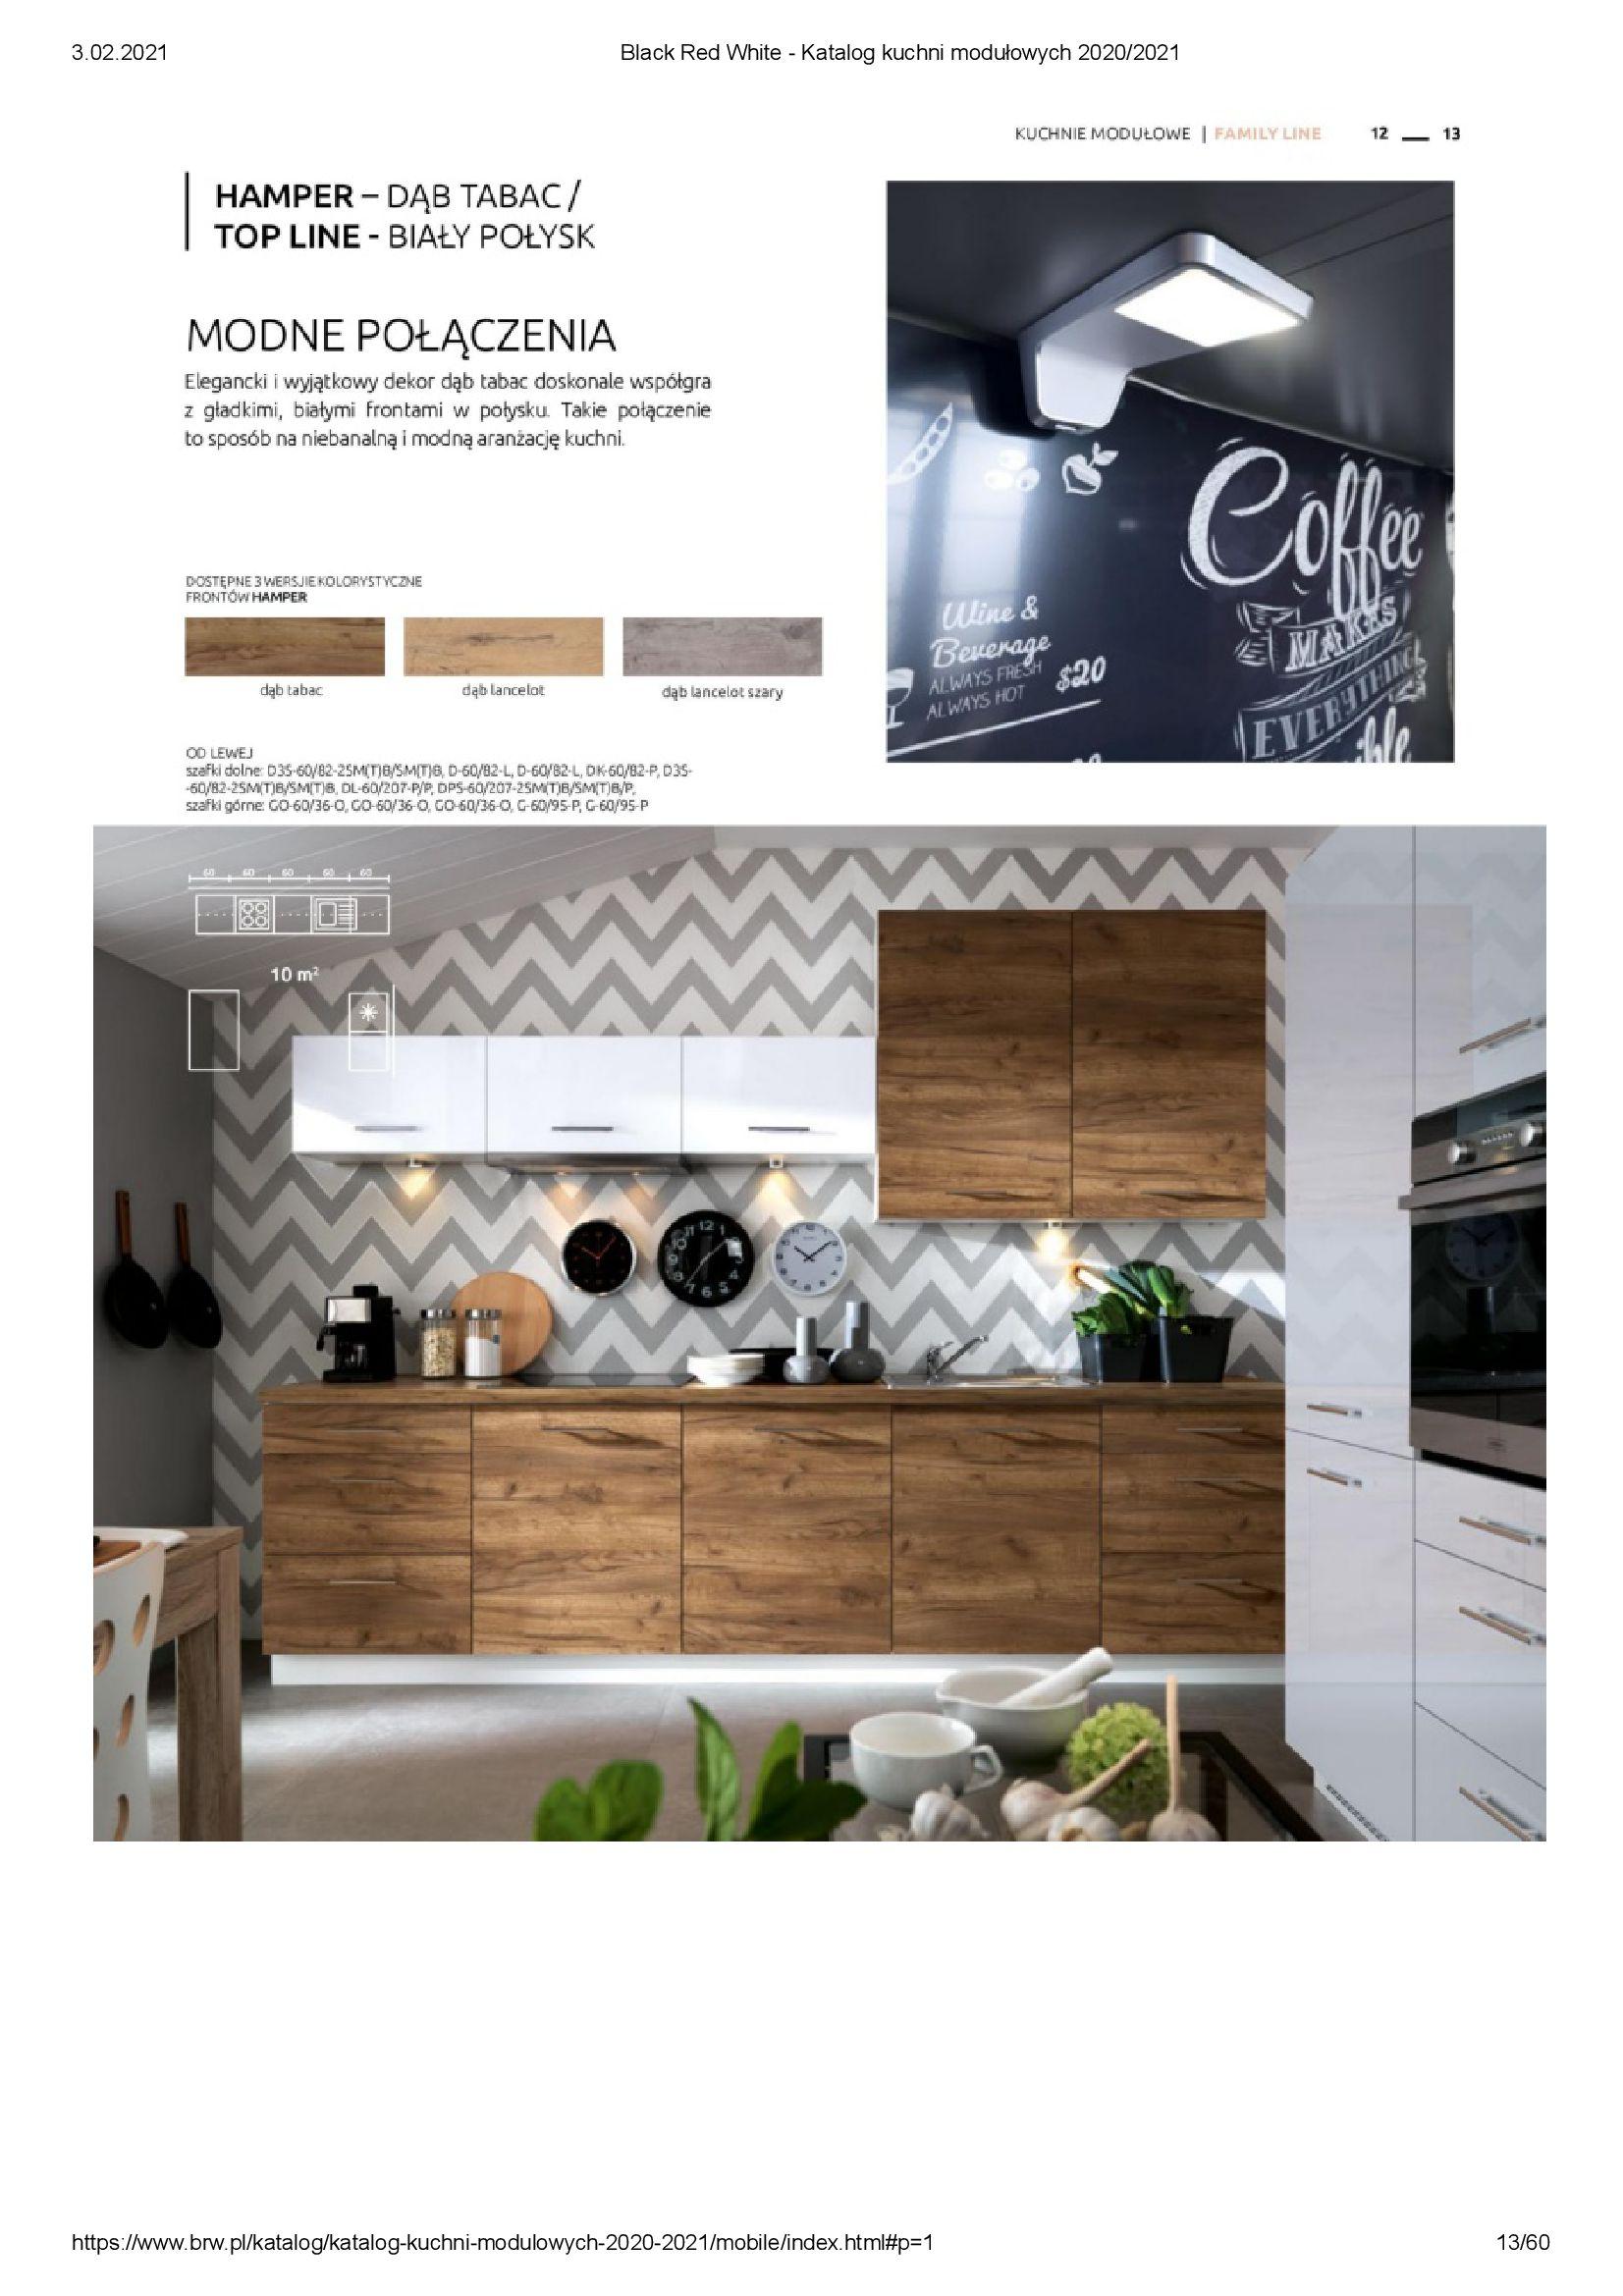 Gazetka Black Red White: Katalog - Kuchnie modułowe 2020/2021 2021-01-01 page-13